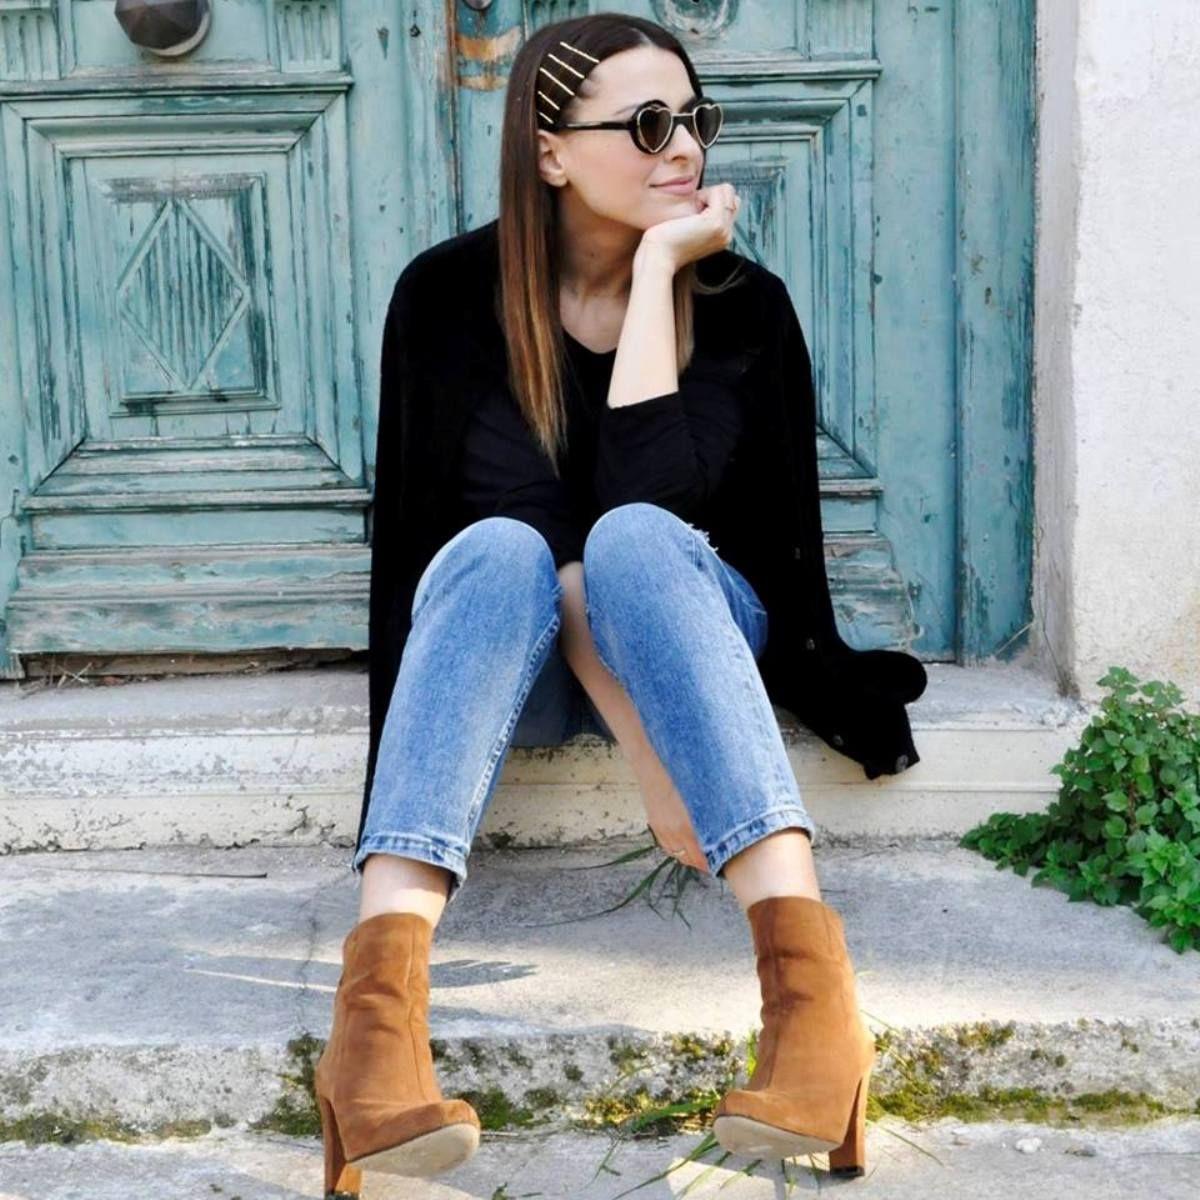 Black & brown (via: @tonias_fashion_tour) #SanteGirls #SanteBooties Shop #SALE in stores & online: www.santeshoes.com